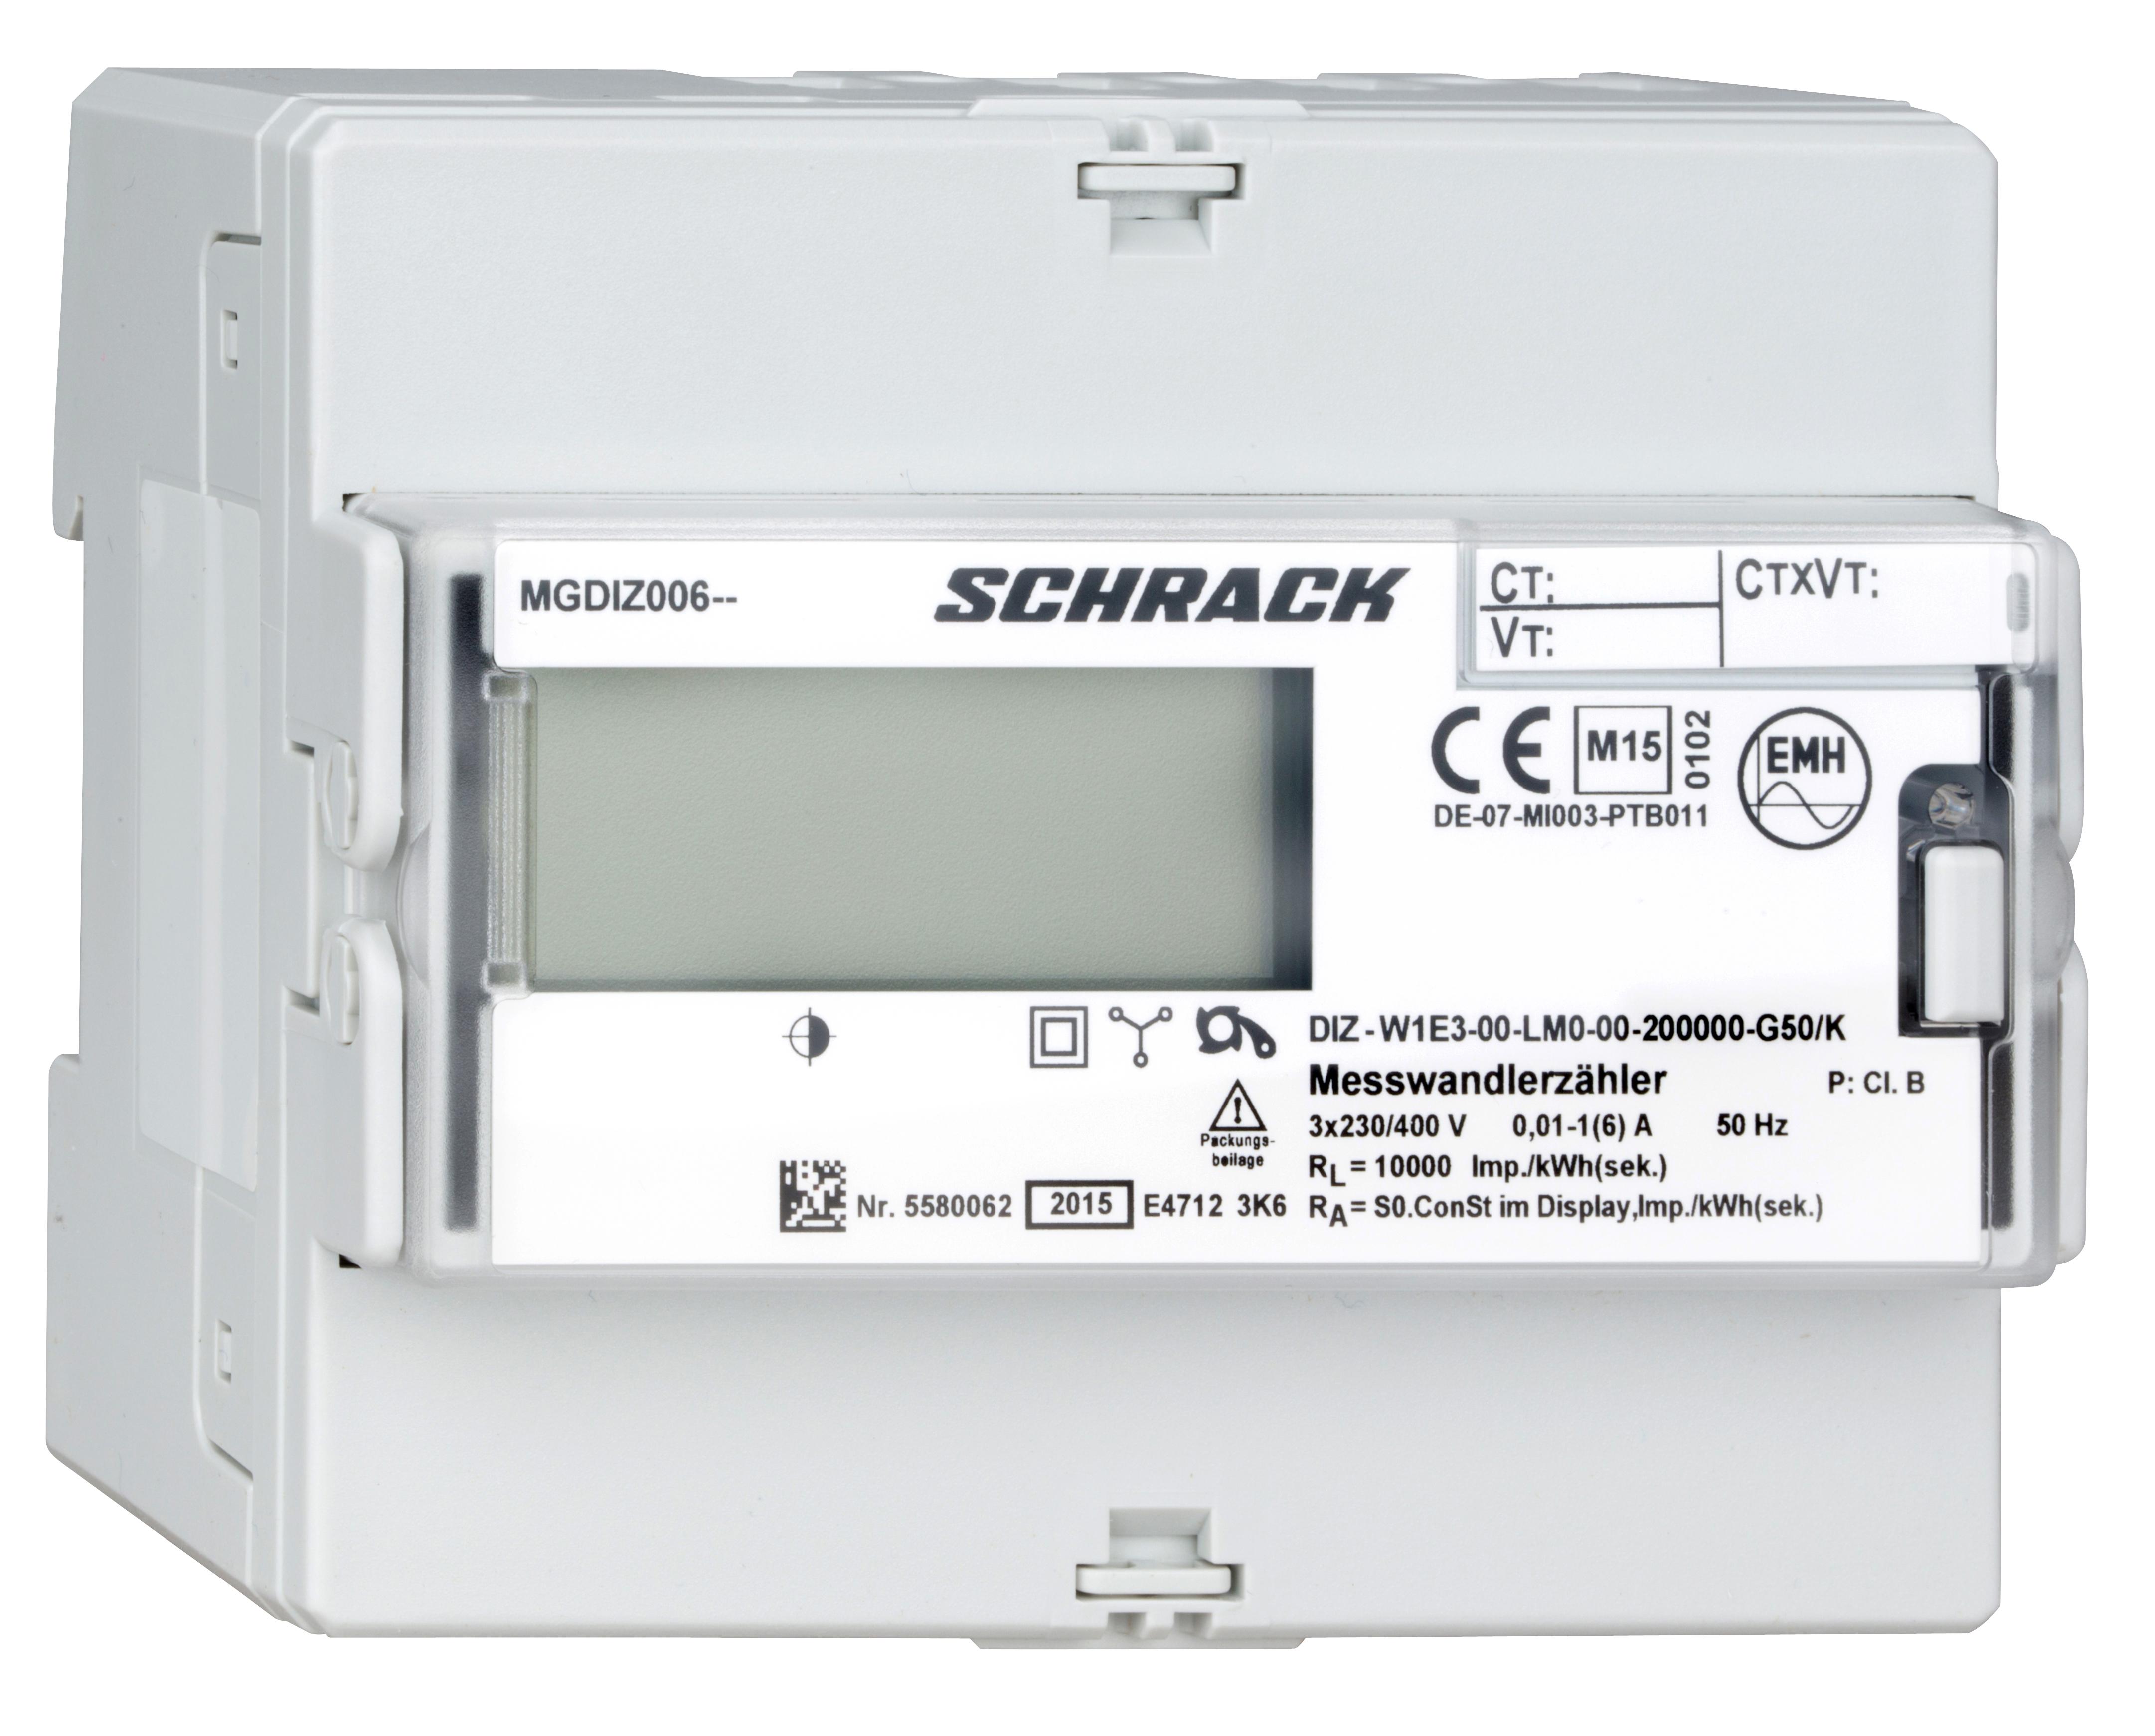 1 Stk Digitaler kWh-Zähler, 1 Tarif,Wandleranschluß 5A(6A),RE MGDIZ006--